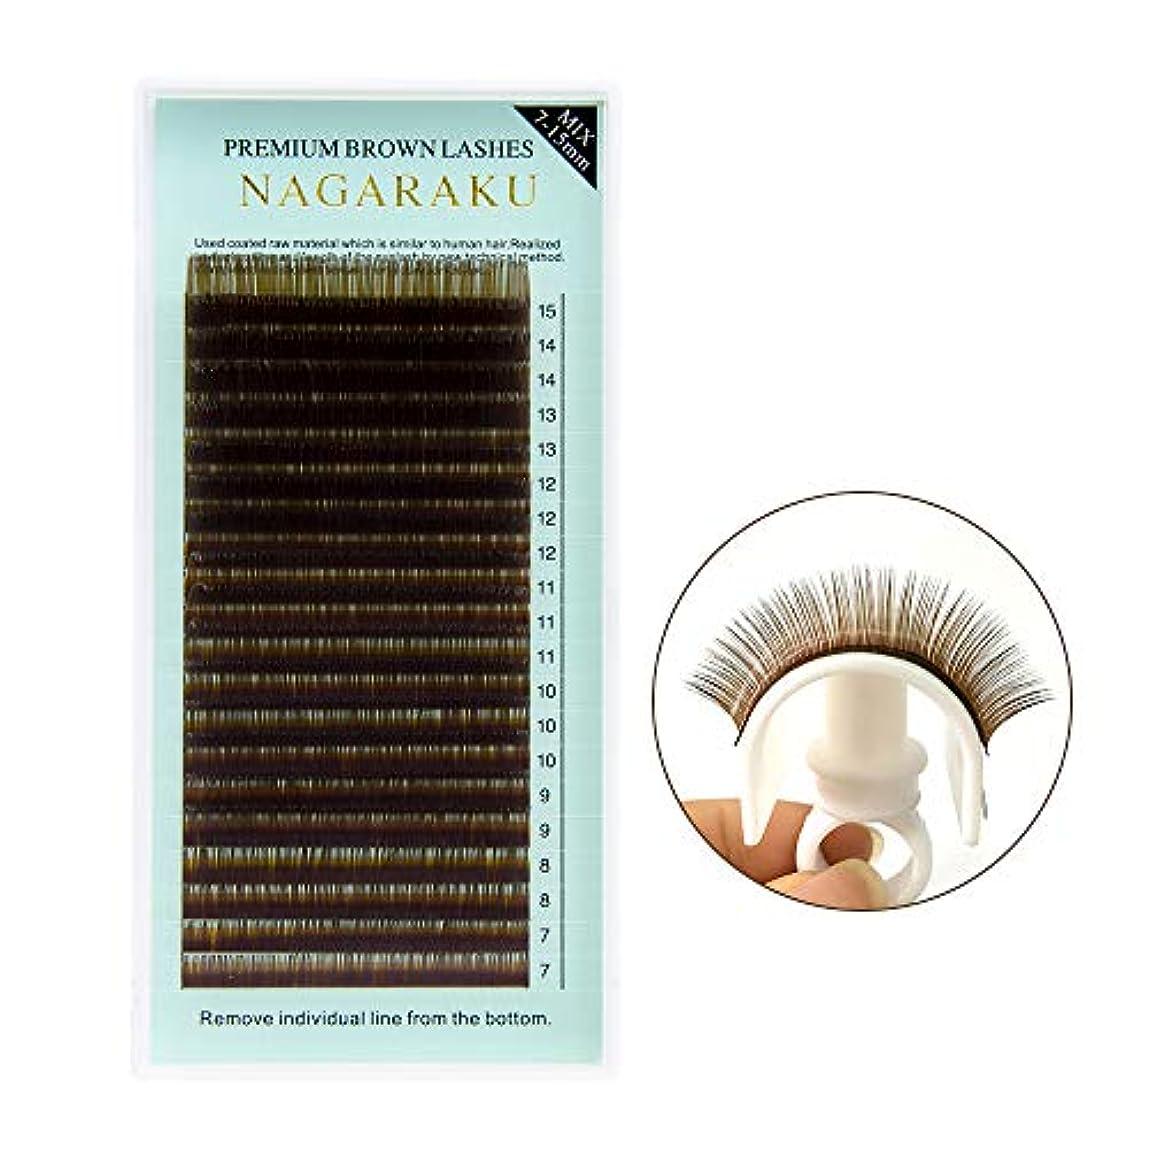 五月女王少数NAGARAKU褐色ブラウン20列まつげエクステ混合長さミックスマツエク柔らかい自然なアイラッシュ(0.07 D Mix)